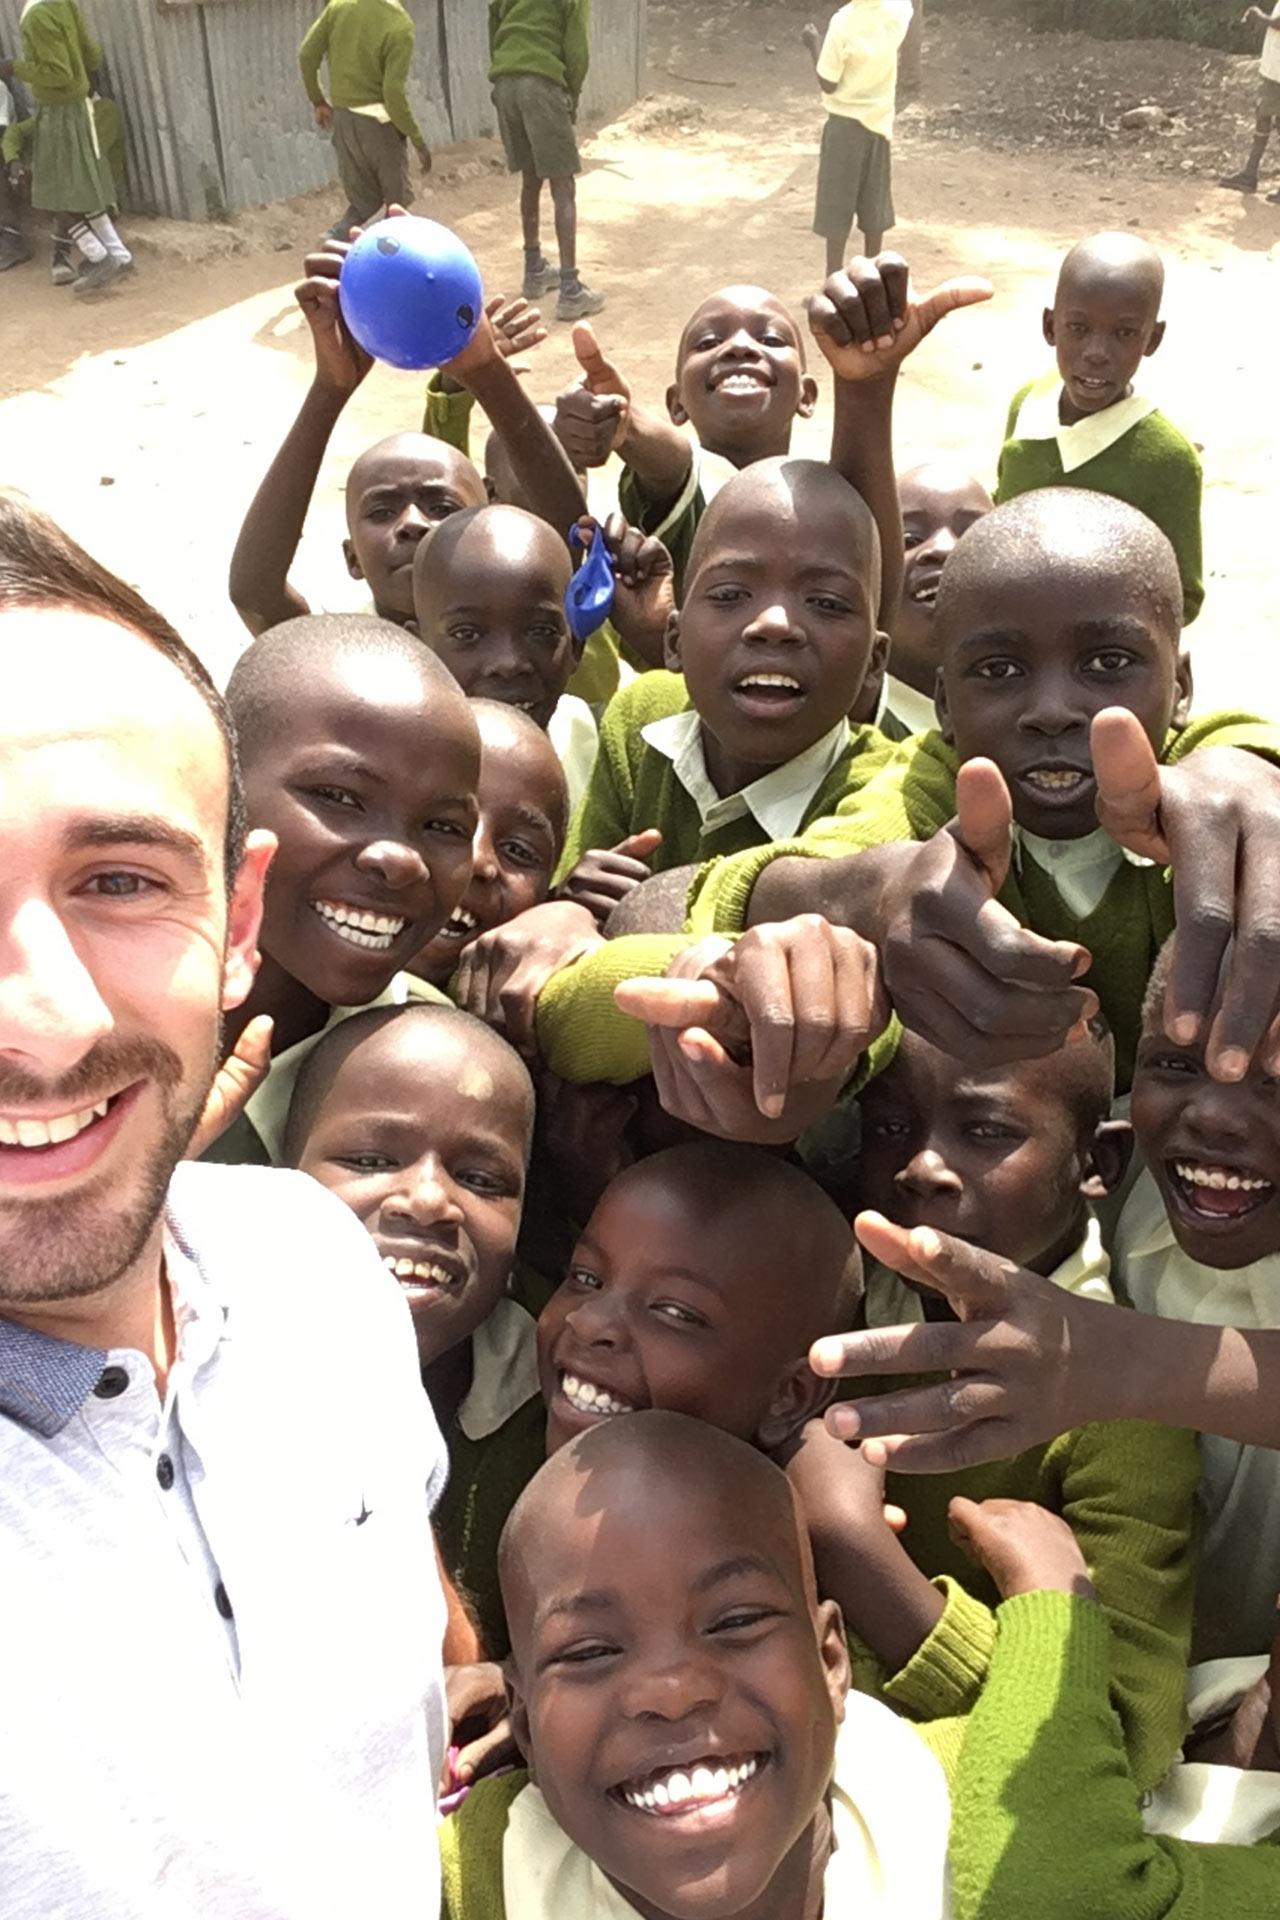 Happy Kids - Spaß mit einem Selfie